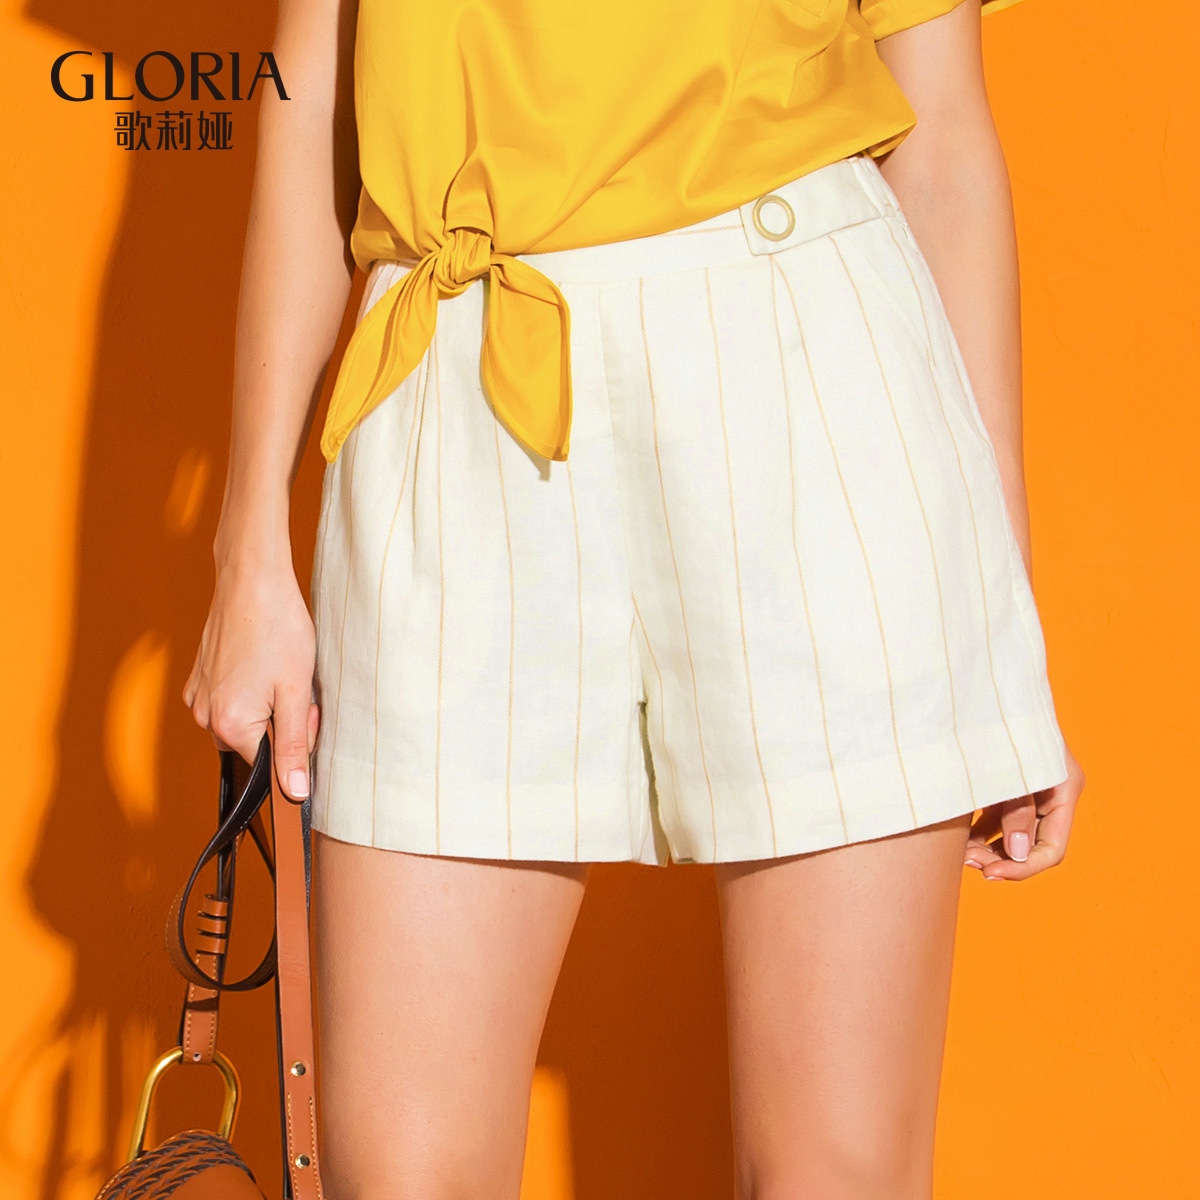 歌莉娅女装 GLORIA歌莉娅女装2017夏季新品A型百搭短裤175J1A040_推荐淘宝好看的歌莉娅